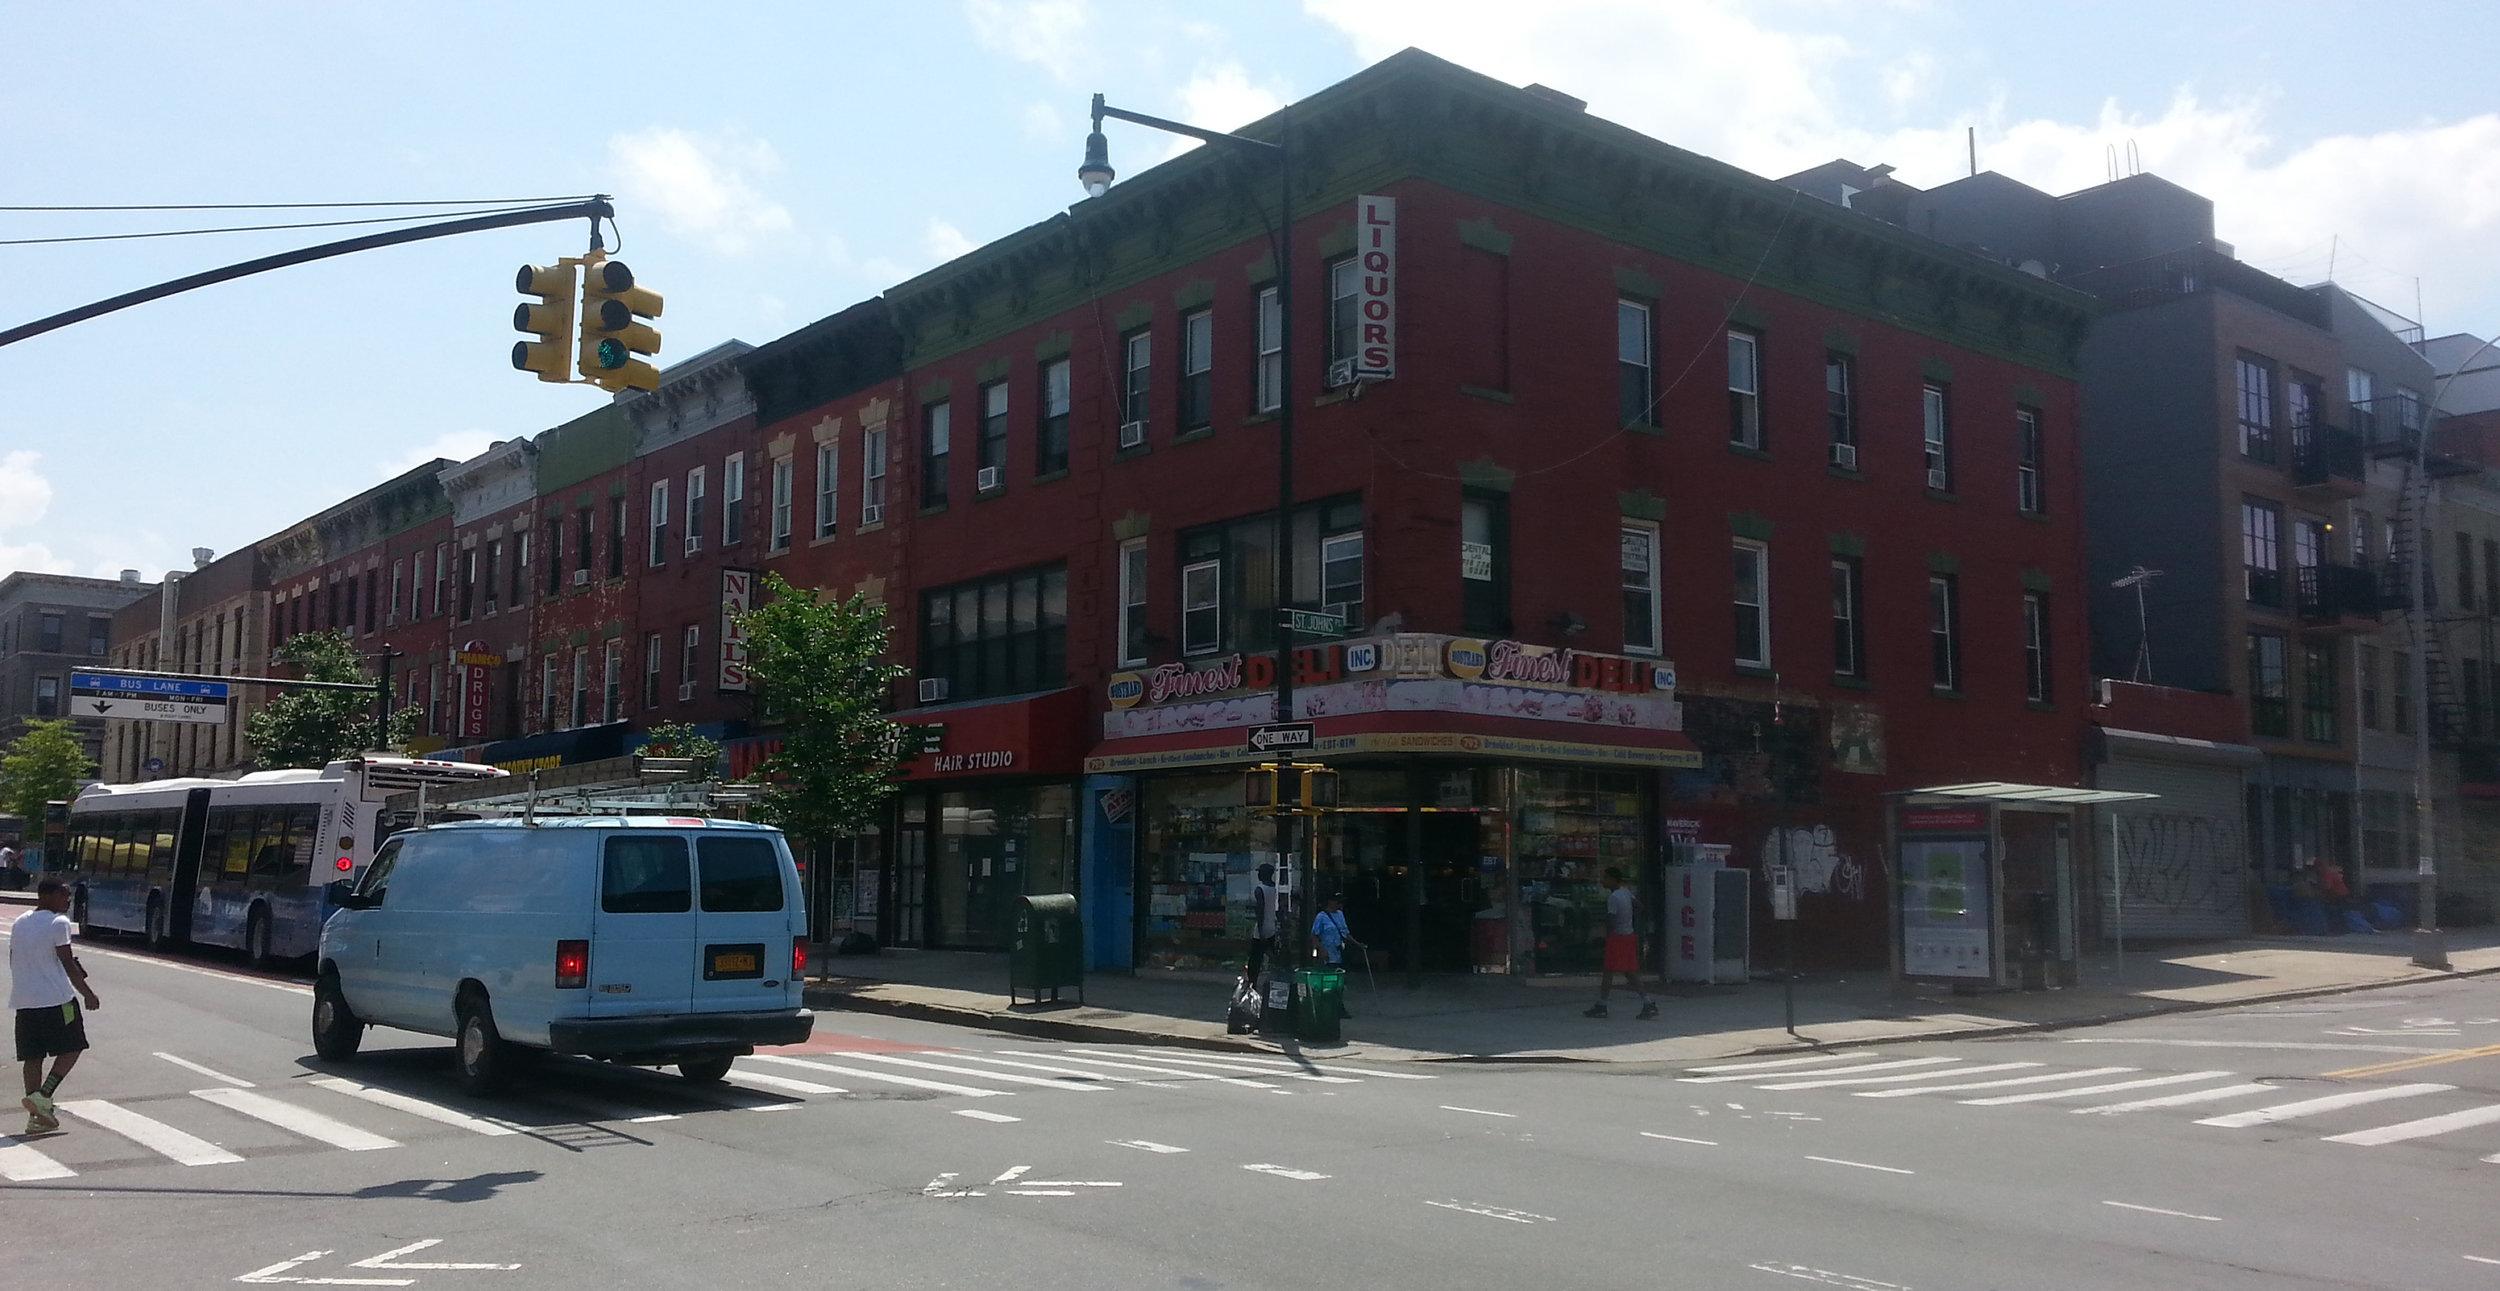 792 Nostrand Ave., Brooklyn, NY. Photo: Darryl Montgomery.